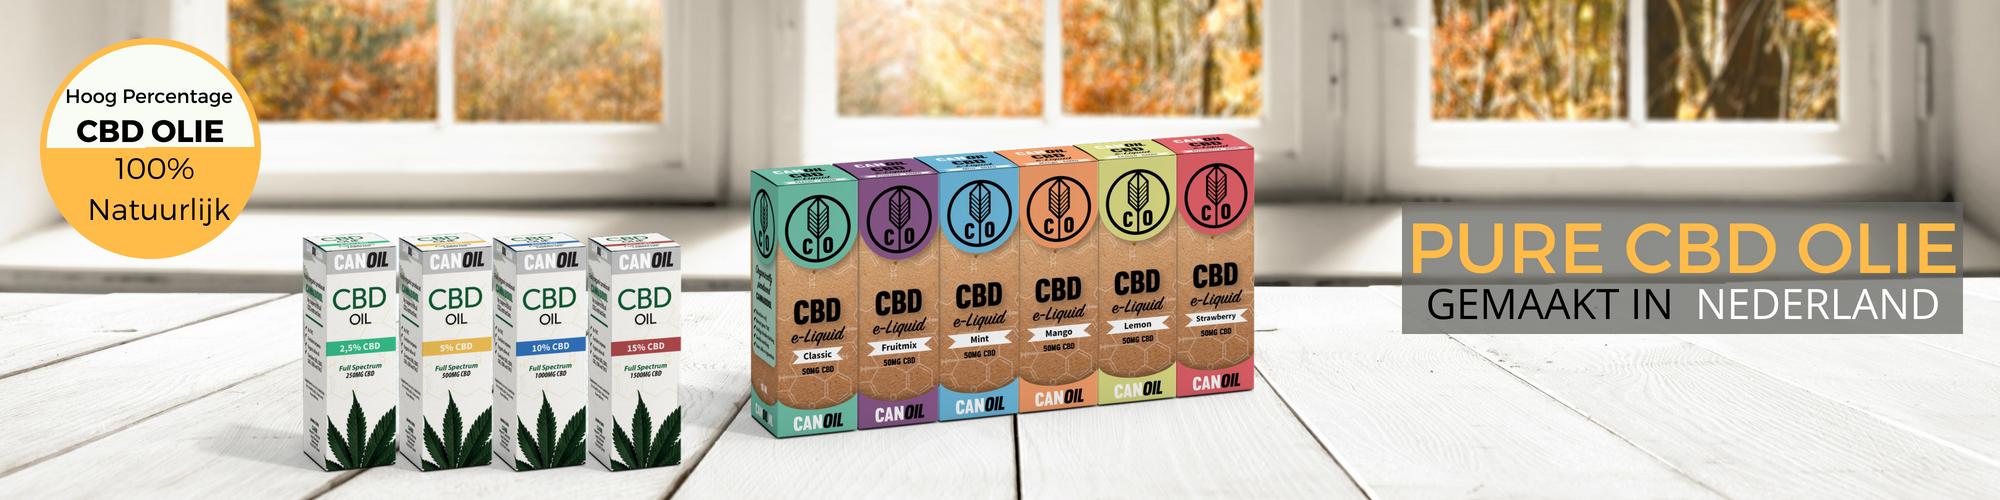 CBD Wholesale in CBD E-liquids and Dutch produced banner 2